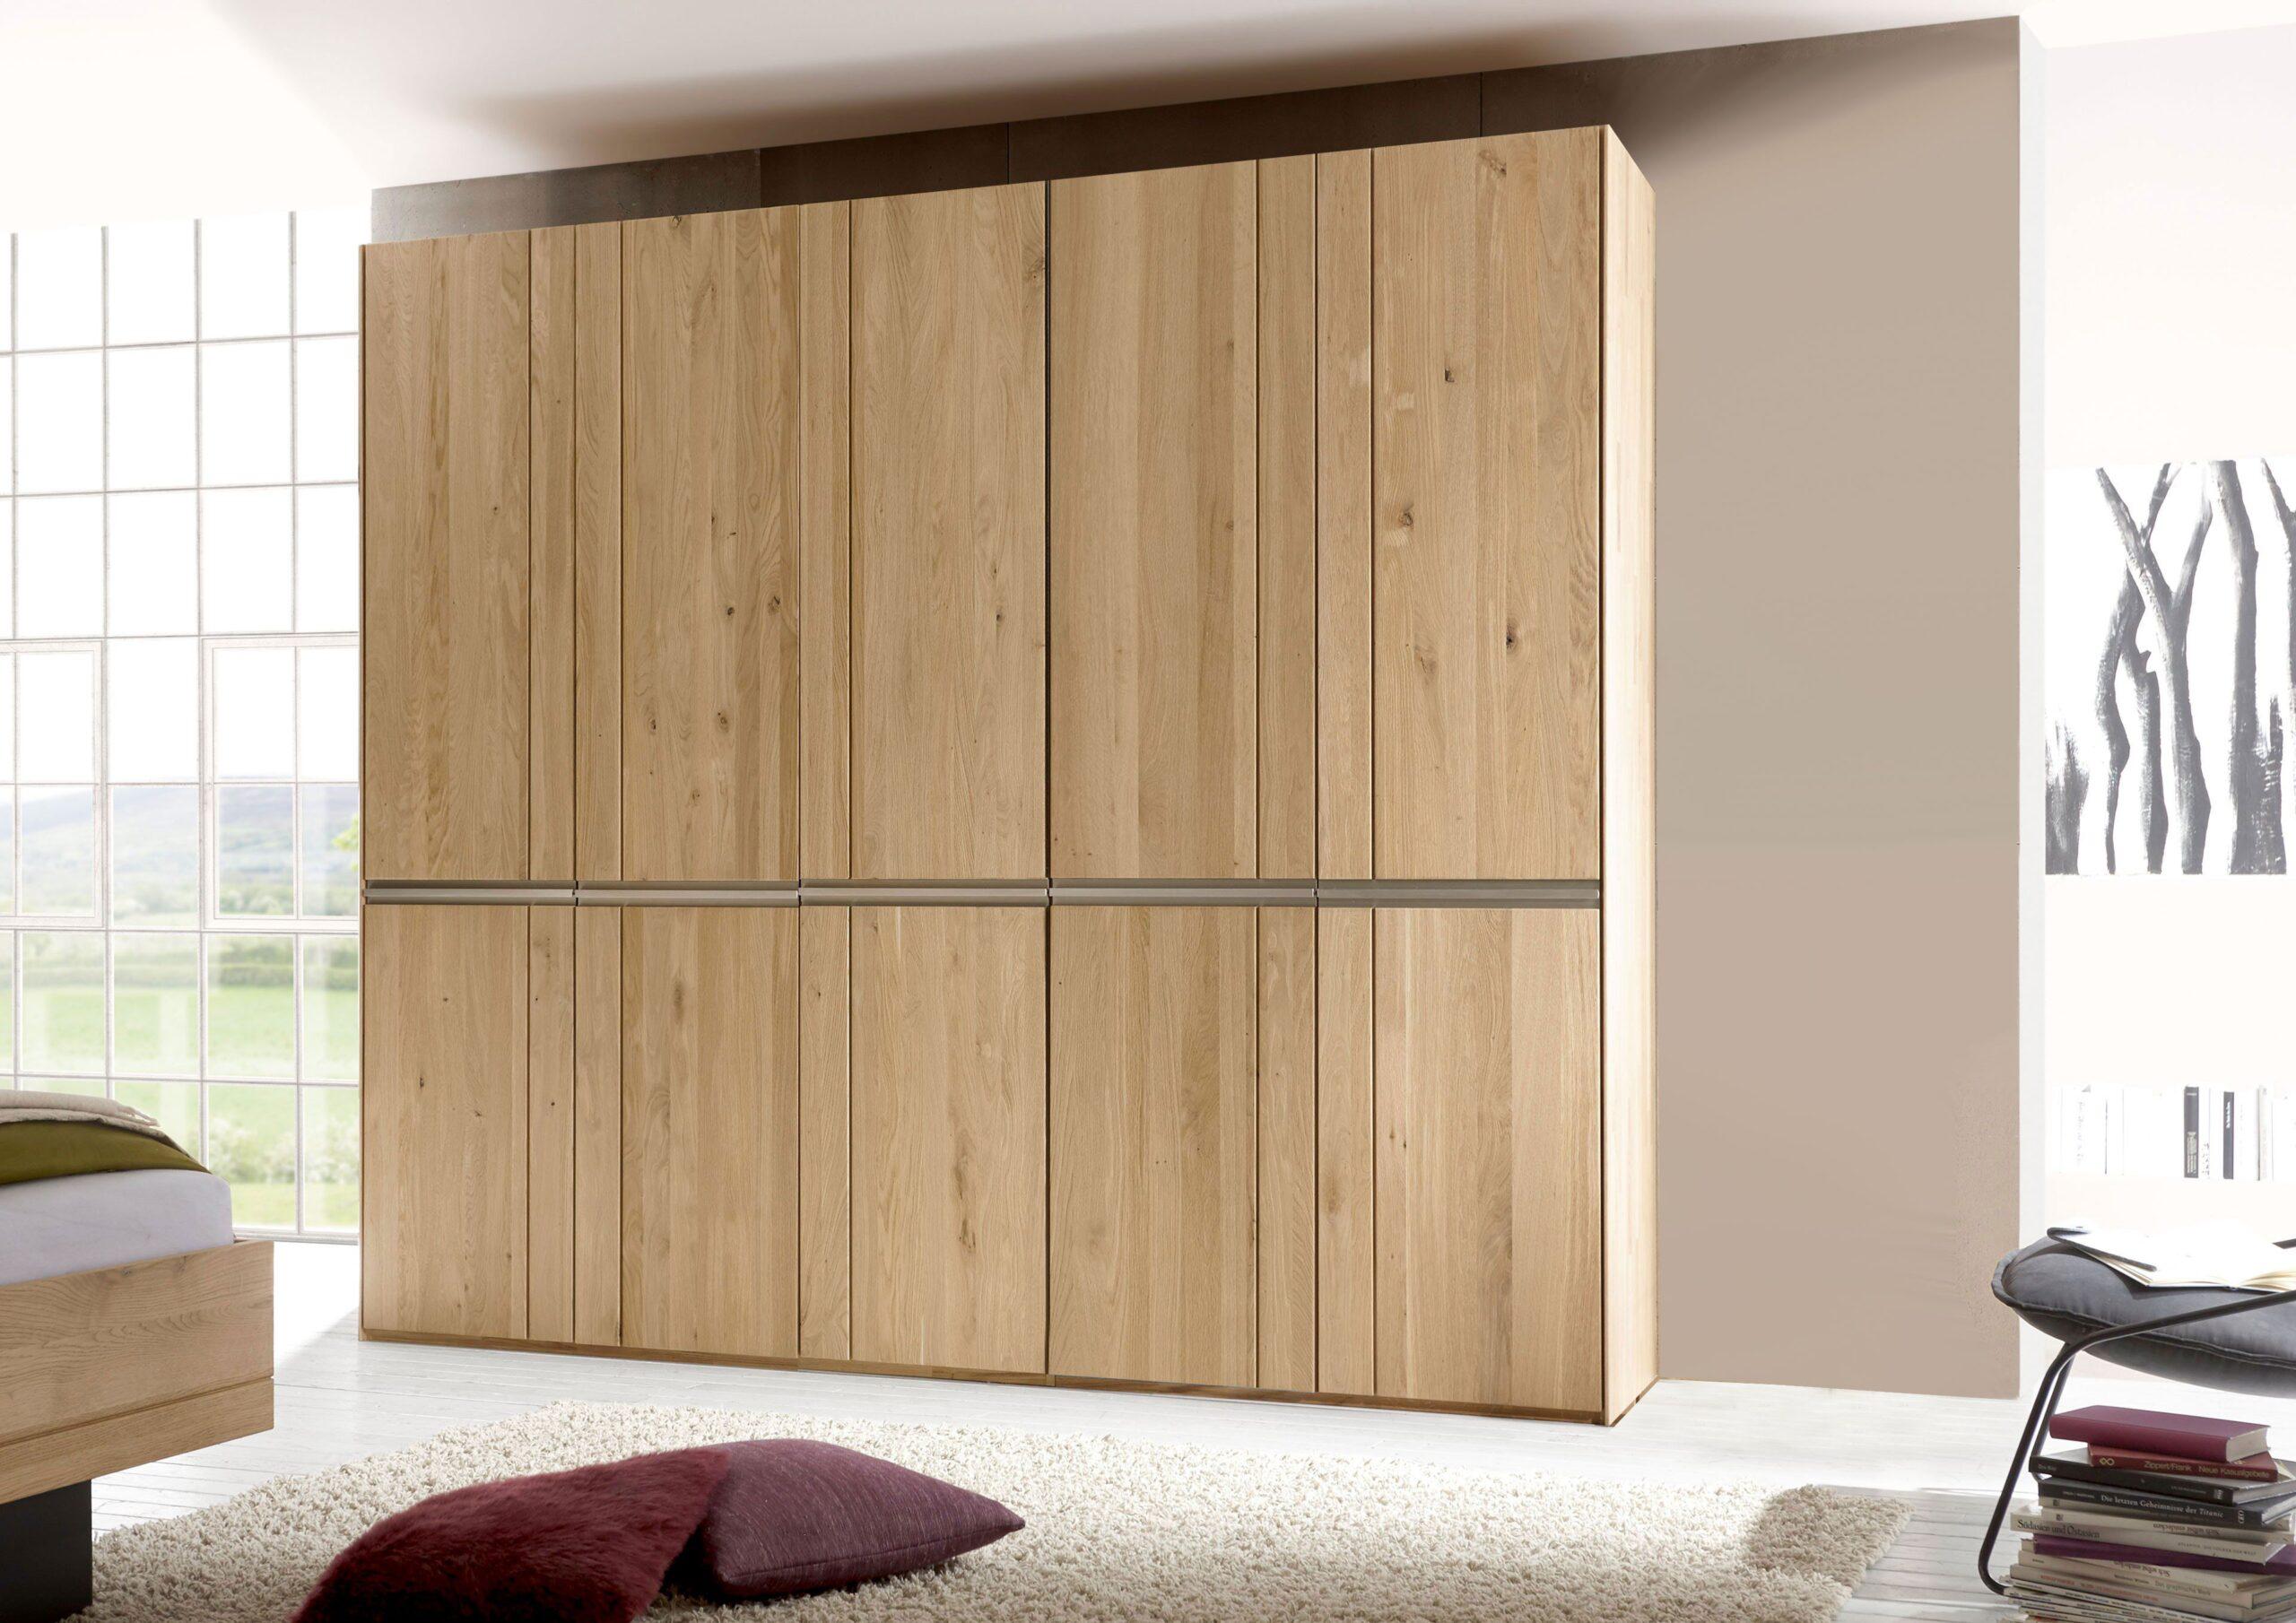 Full Size of Loddenkemper Navaro Bett Kommode Schrank Schlafzimmer Wohnzimmer Loddenkemper Navaro